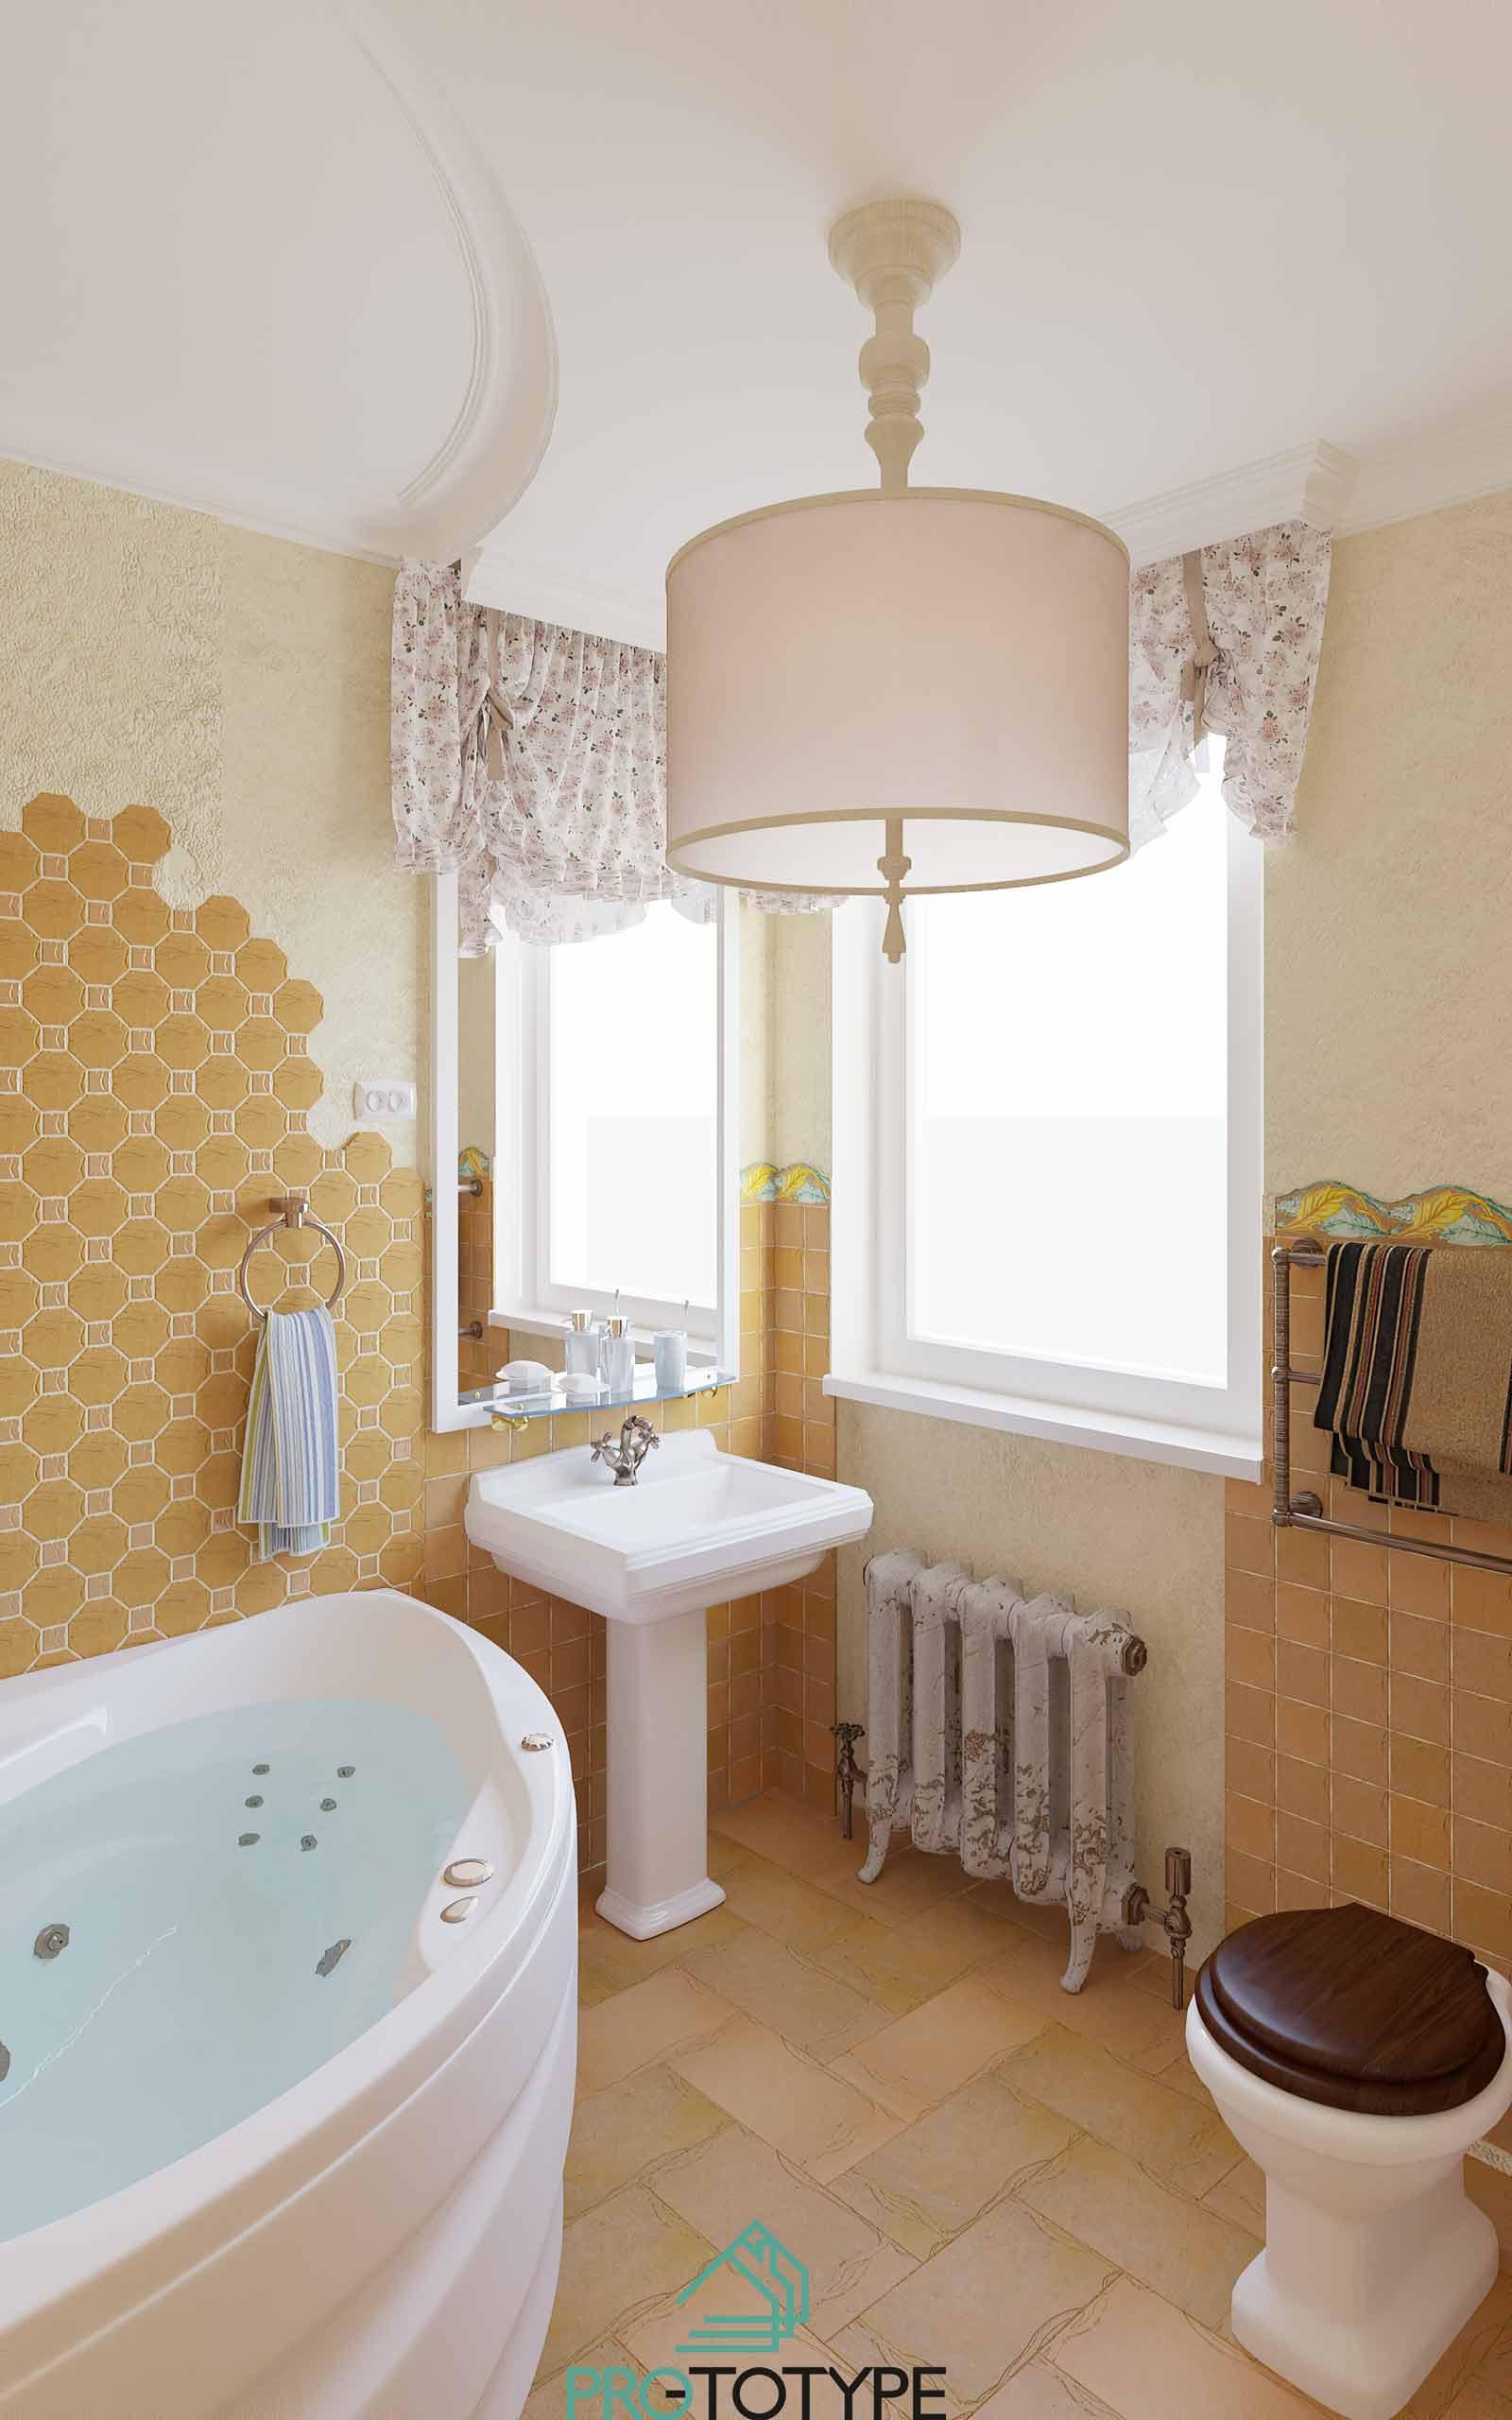 дизайн-проект интерьера ванны в духе Прованса